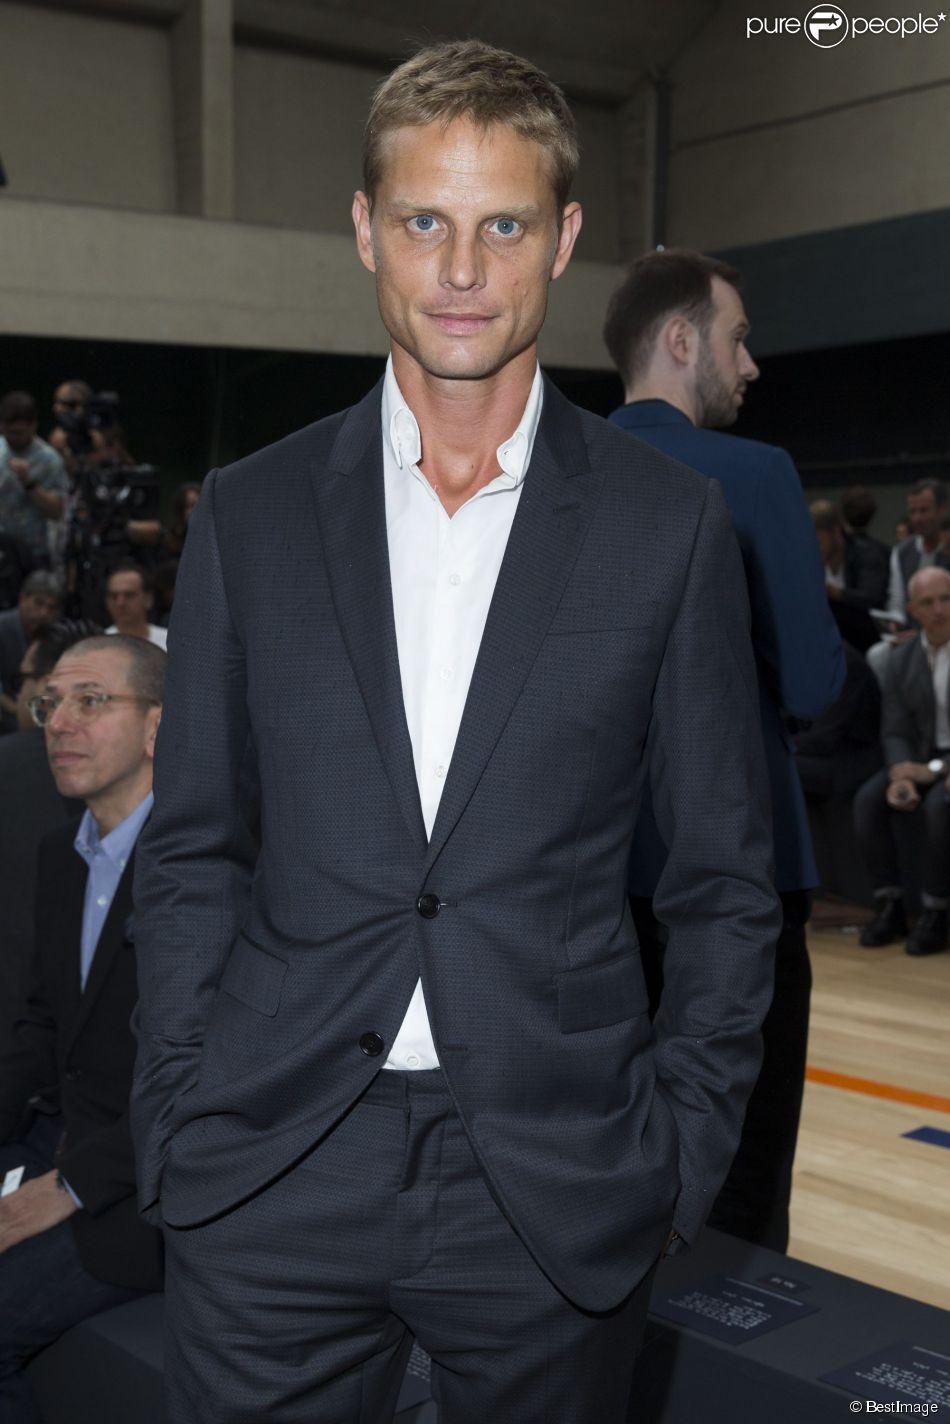 Arnaud Lemaire au défilé Hommes Christian Dior printemps-été 2015 au Tennis  Club de Paris, le 28 juin 2014. 80afa16eef7